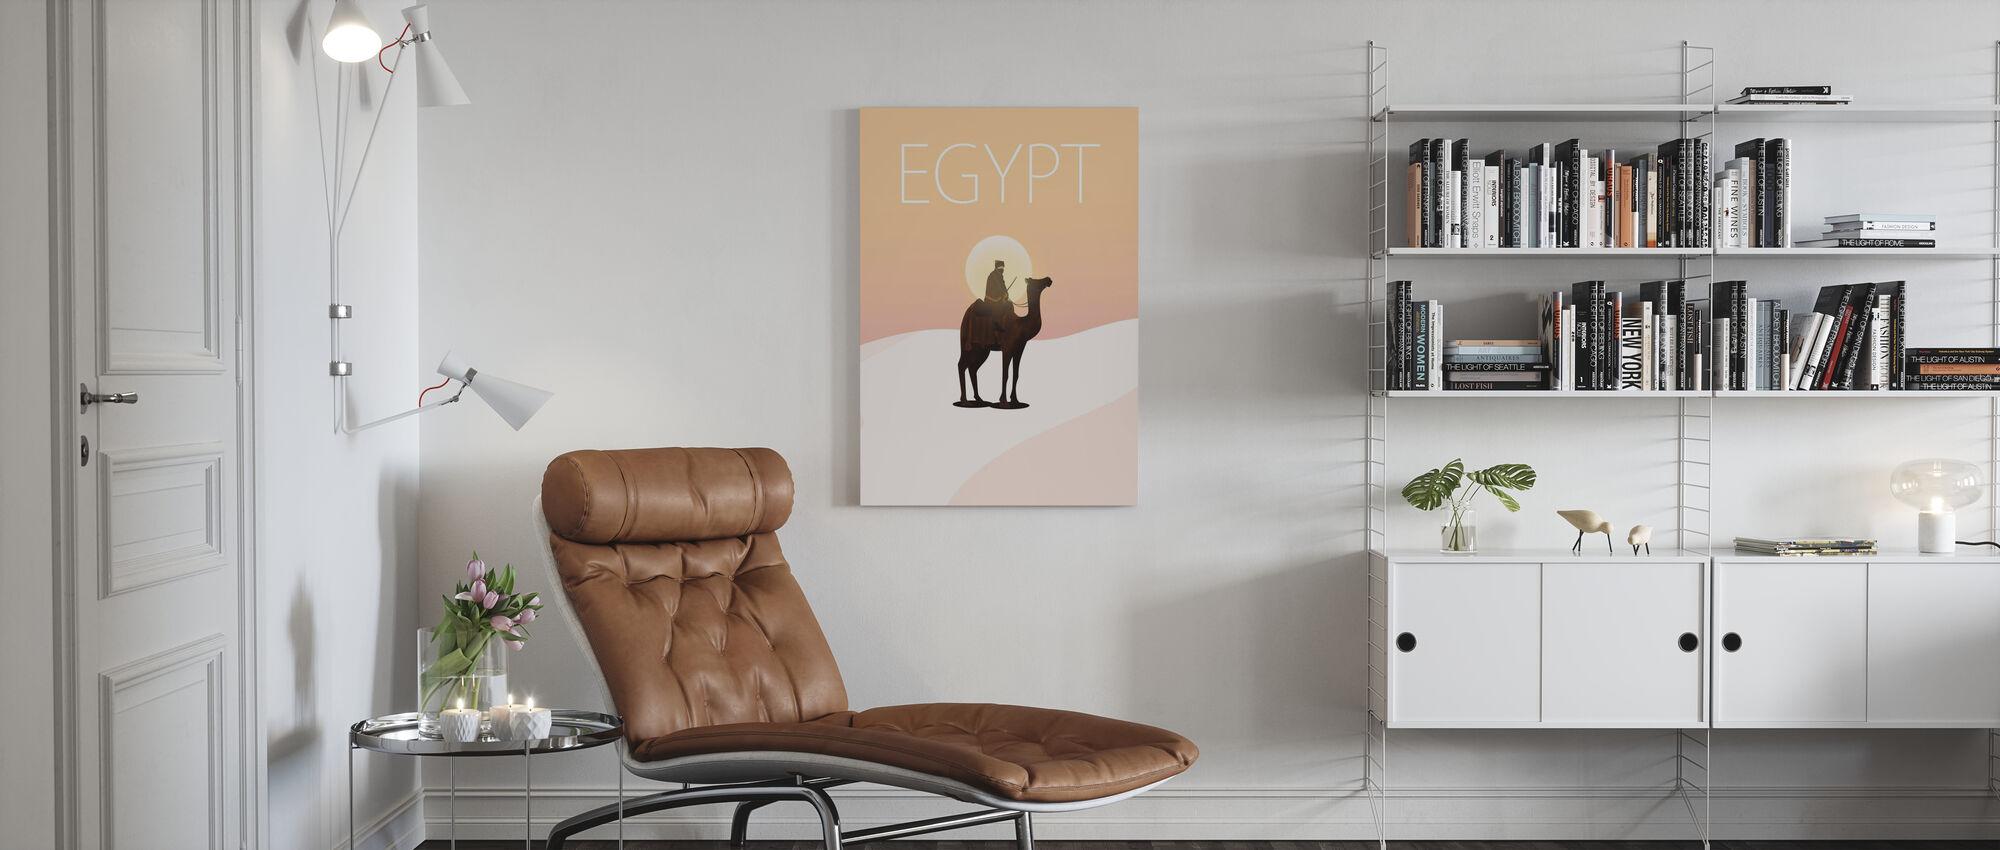 Egyptiin - Canvastaulu - Olohuone